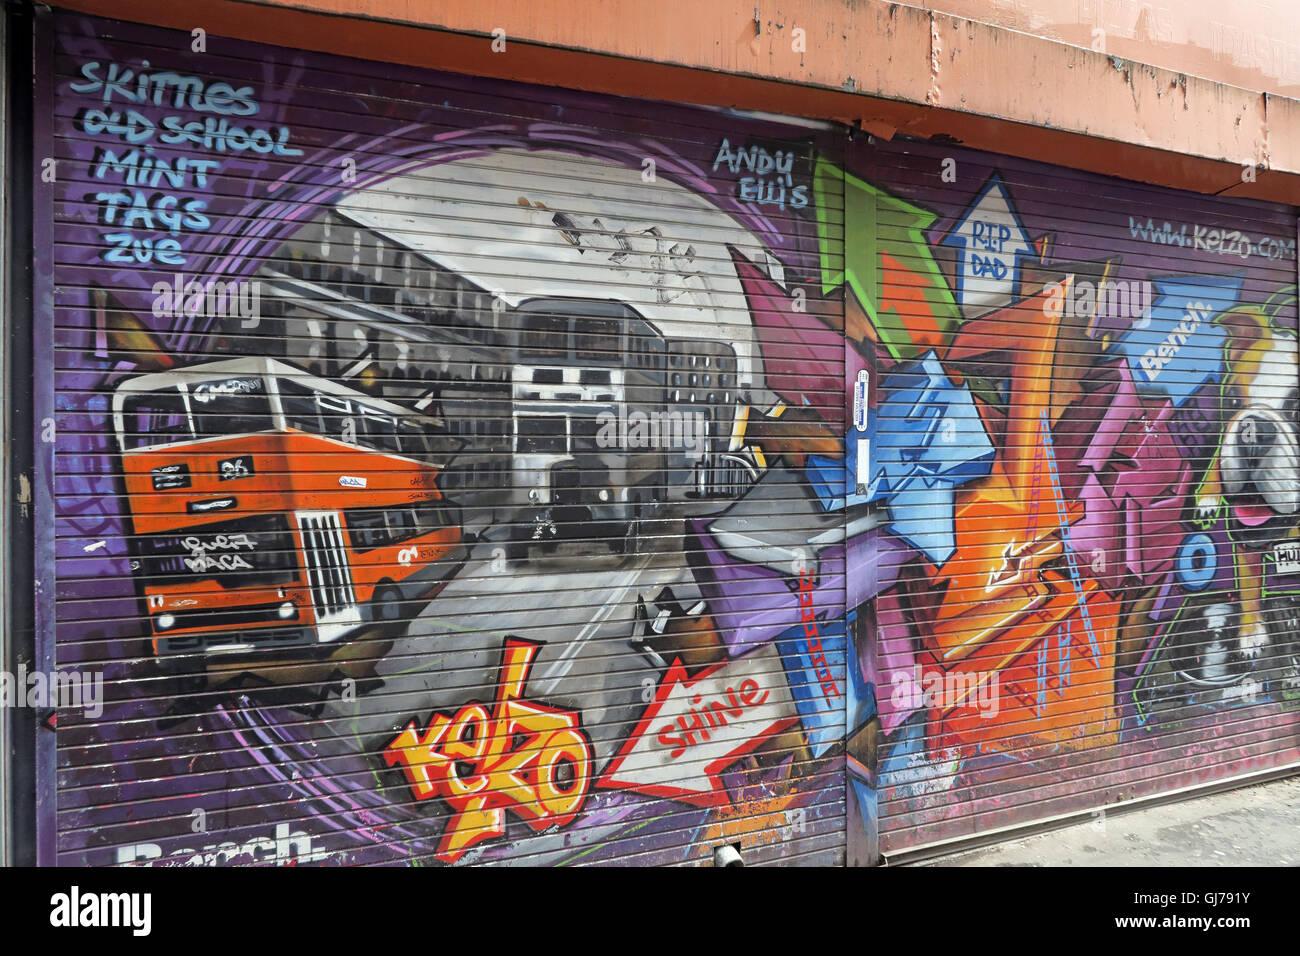 Laden Sie dieses Alamy Stockfoto Kelzo Manchester Wandbild in Shutter, Koffee Topf, nördlichen Viertel Artwork, NQ, Manchester, North West England, Großbritannien, M1 1JR - GJ791Y